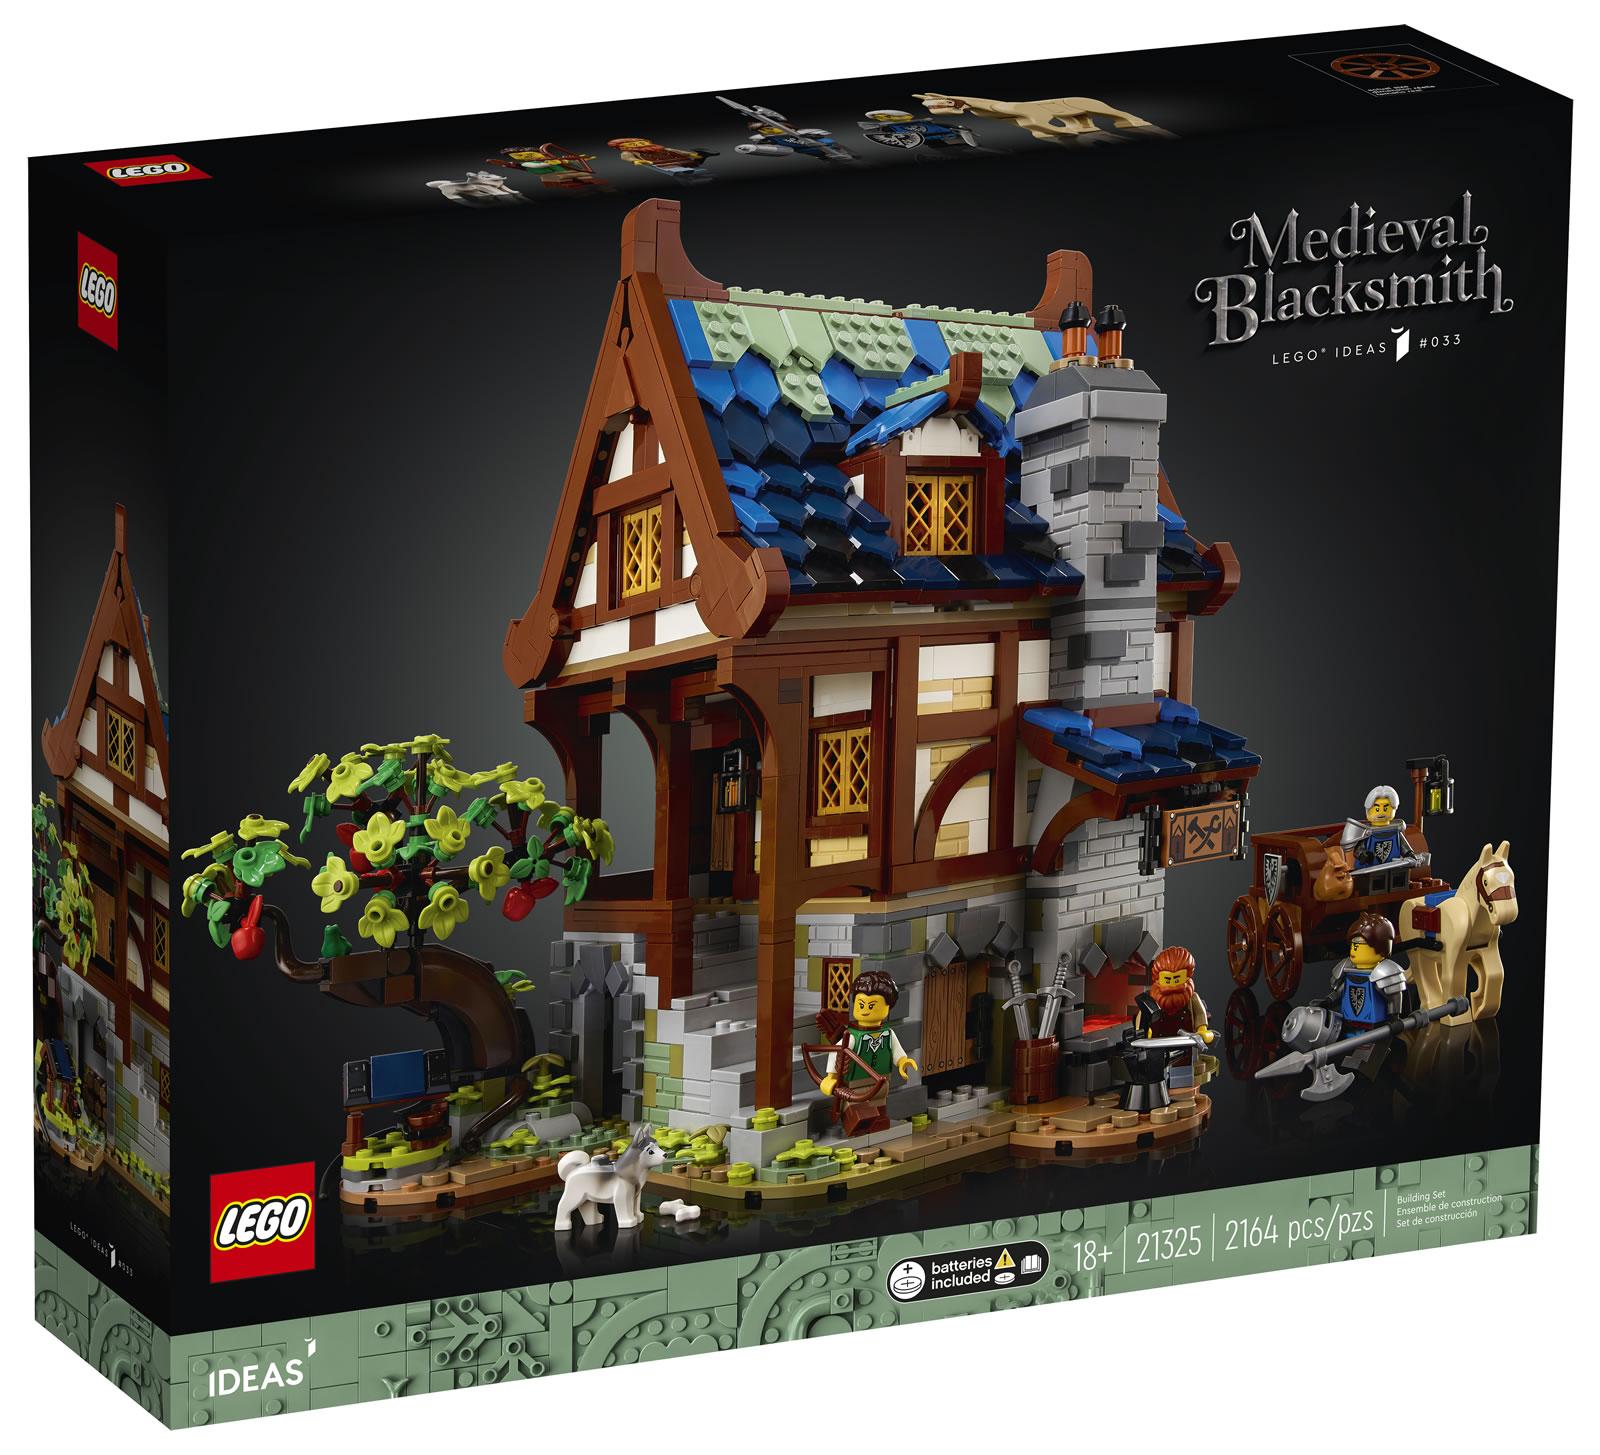 LEGO : Ze topik =) - Page 7 21325-lego-ideas-medieval-blacksmith-box-front